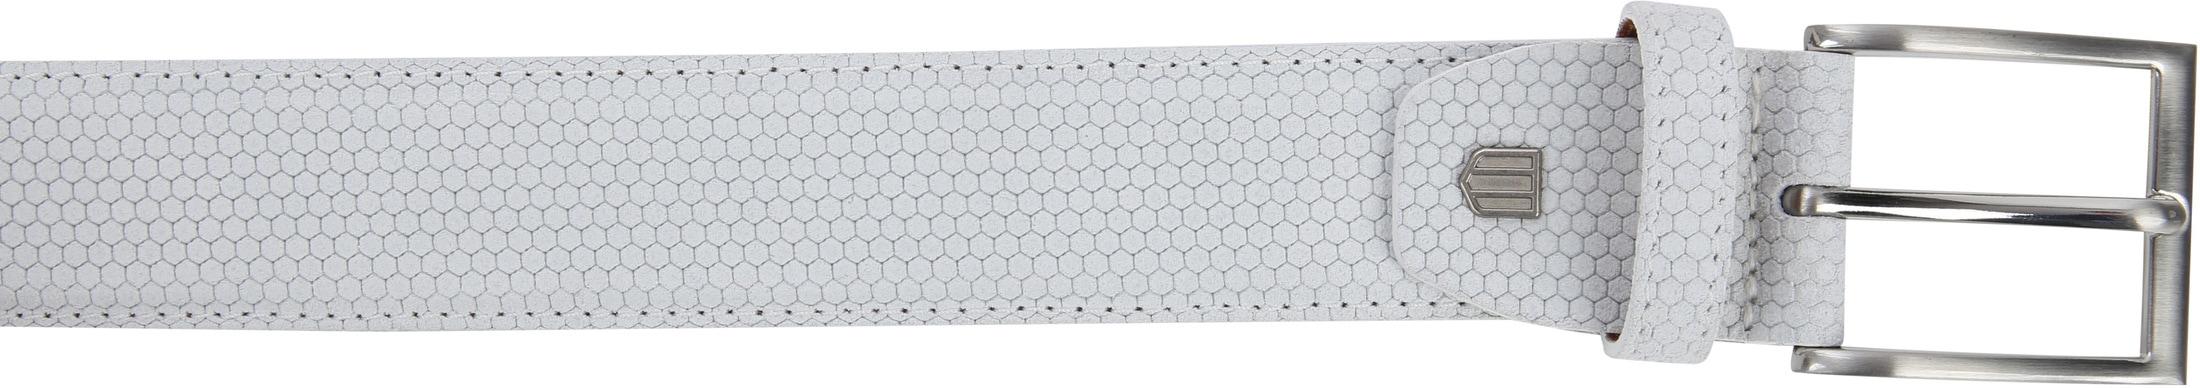 Profuomo Suede Leather White foto 1